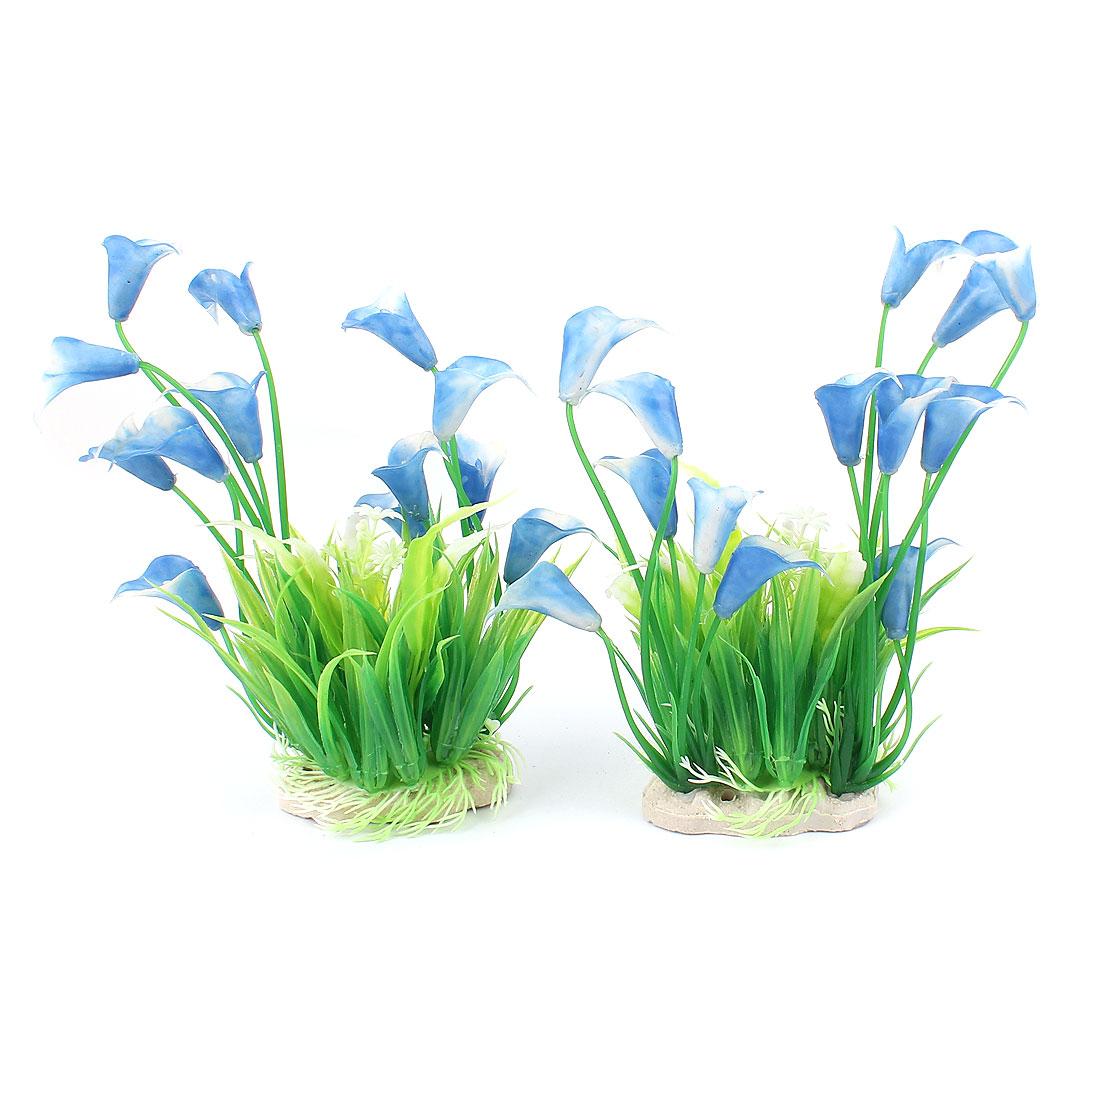 2 Pcs Green Blue Plastic Ceramic Base Artificial Ornament Emulational Aquatic Plant Flower for Aquarium Fishbowl